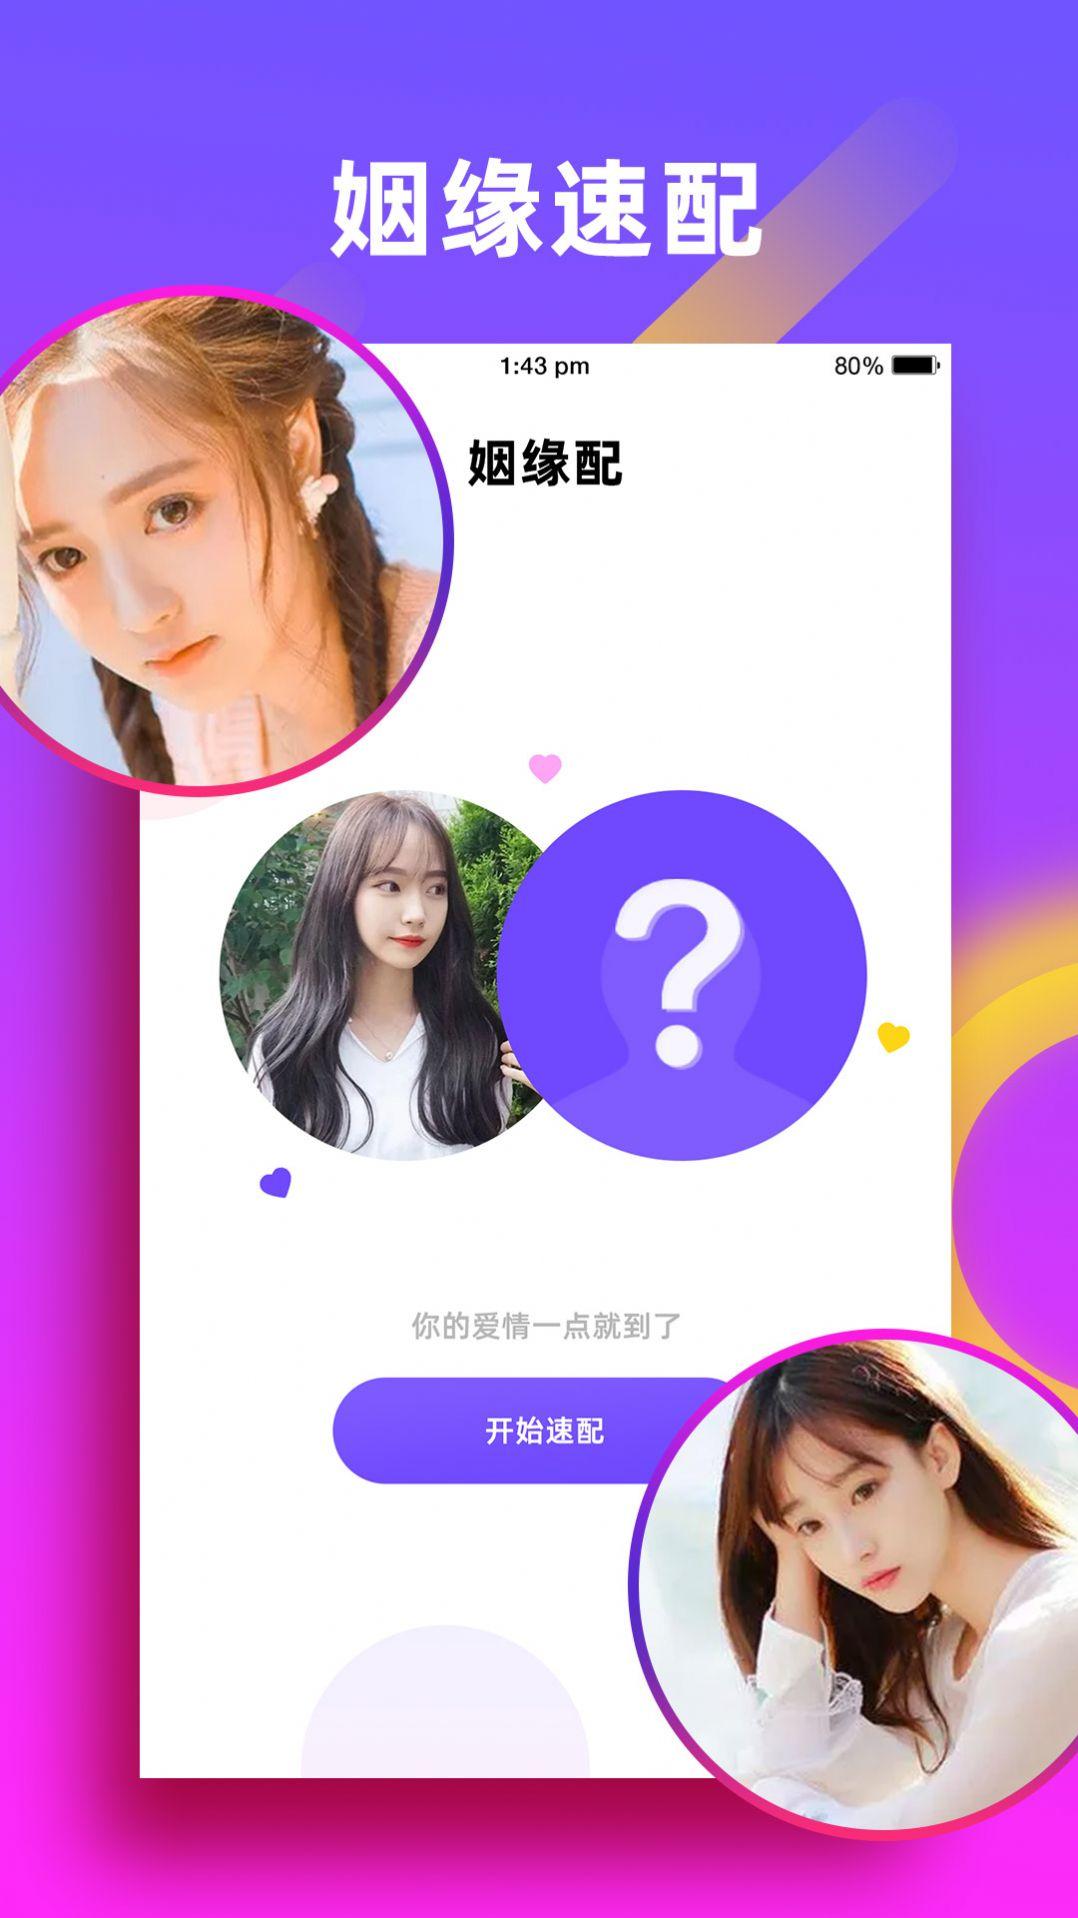 友缘app交友软件官方版图2: